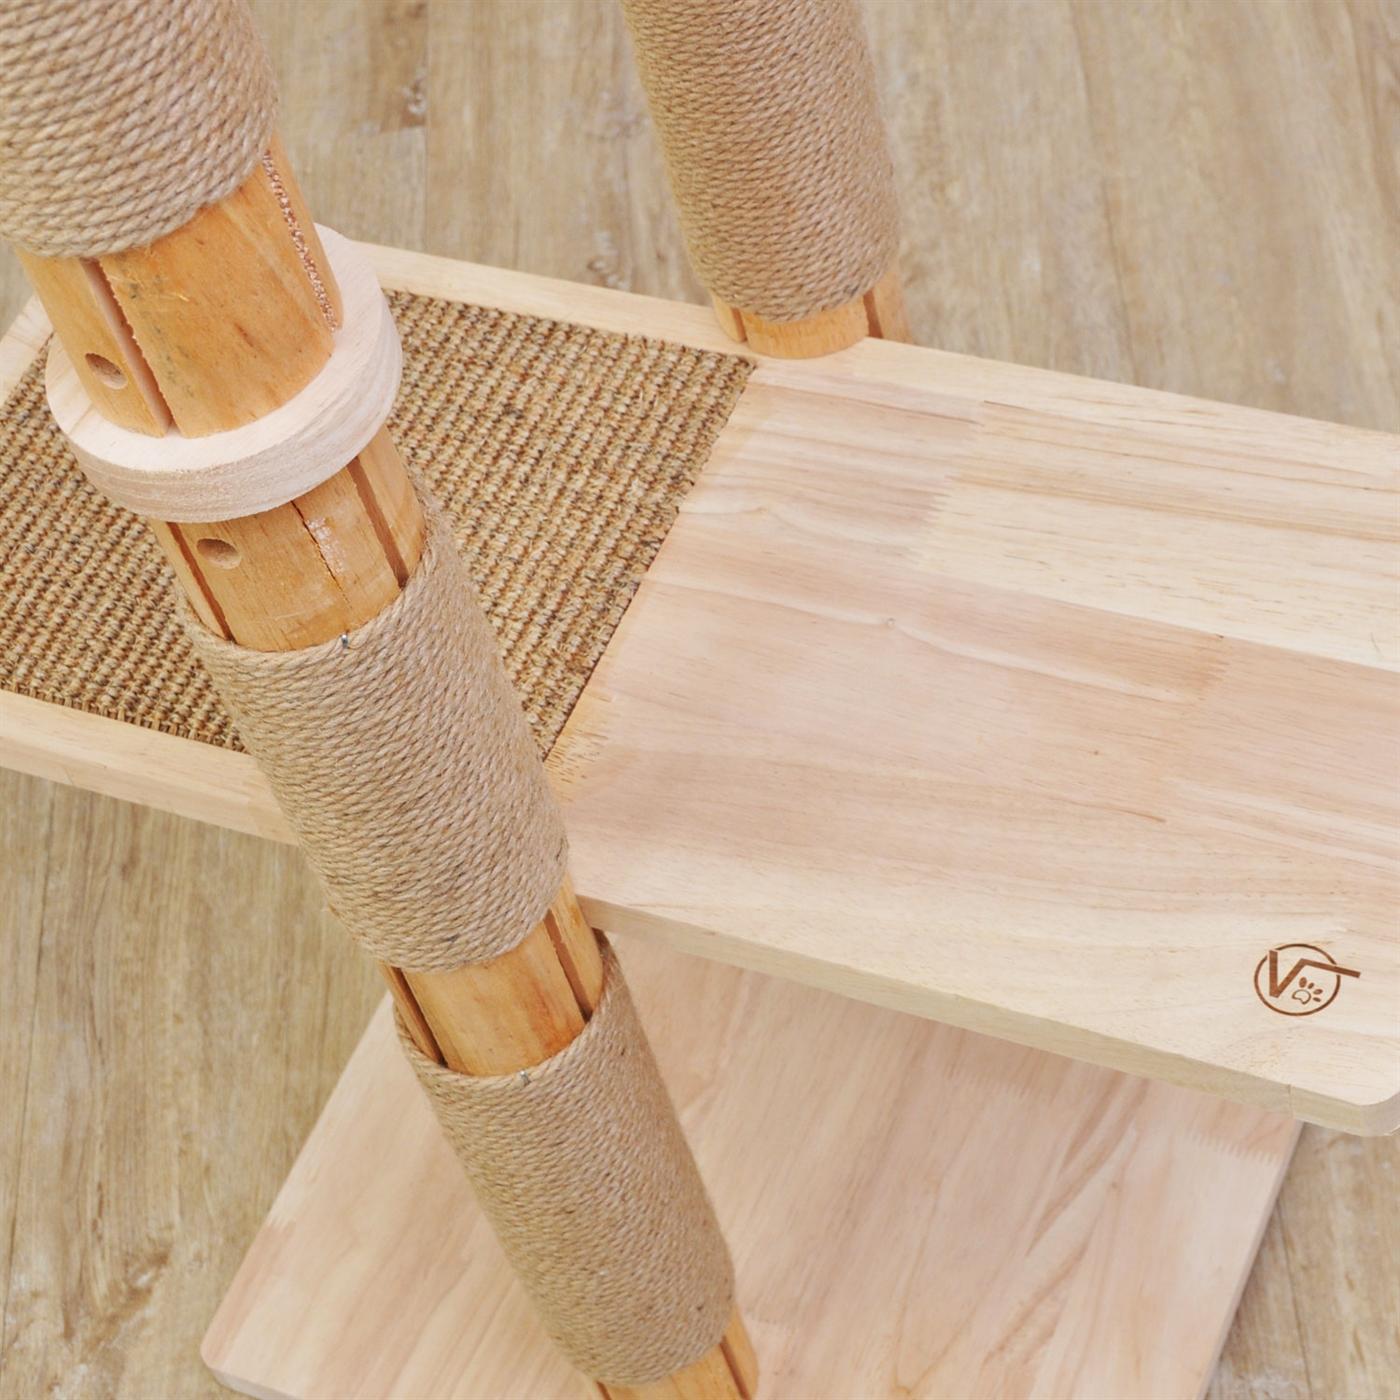 voss minipet kratzbaum garfield kletterbaum katzenkratzbaum katze eur 71 90 picclick at. Black Bedroom Furniture Sets. Home Design Ideas